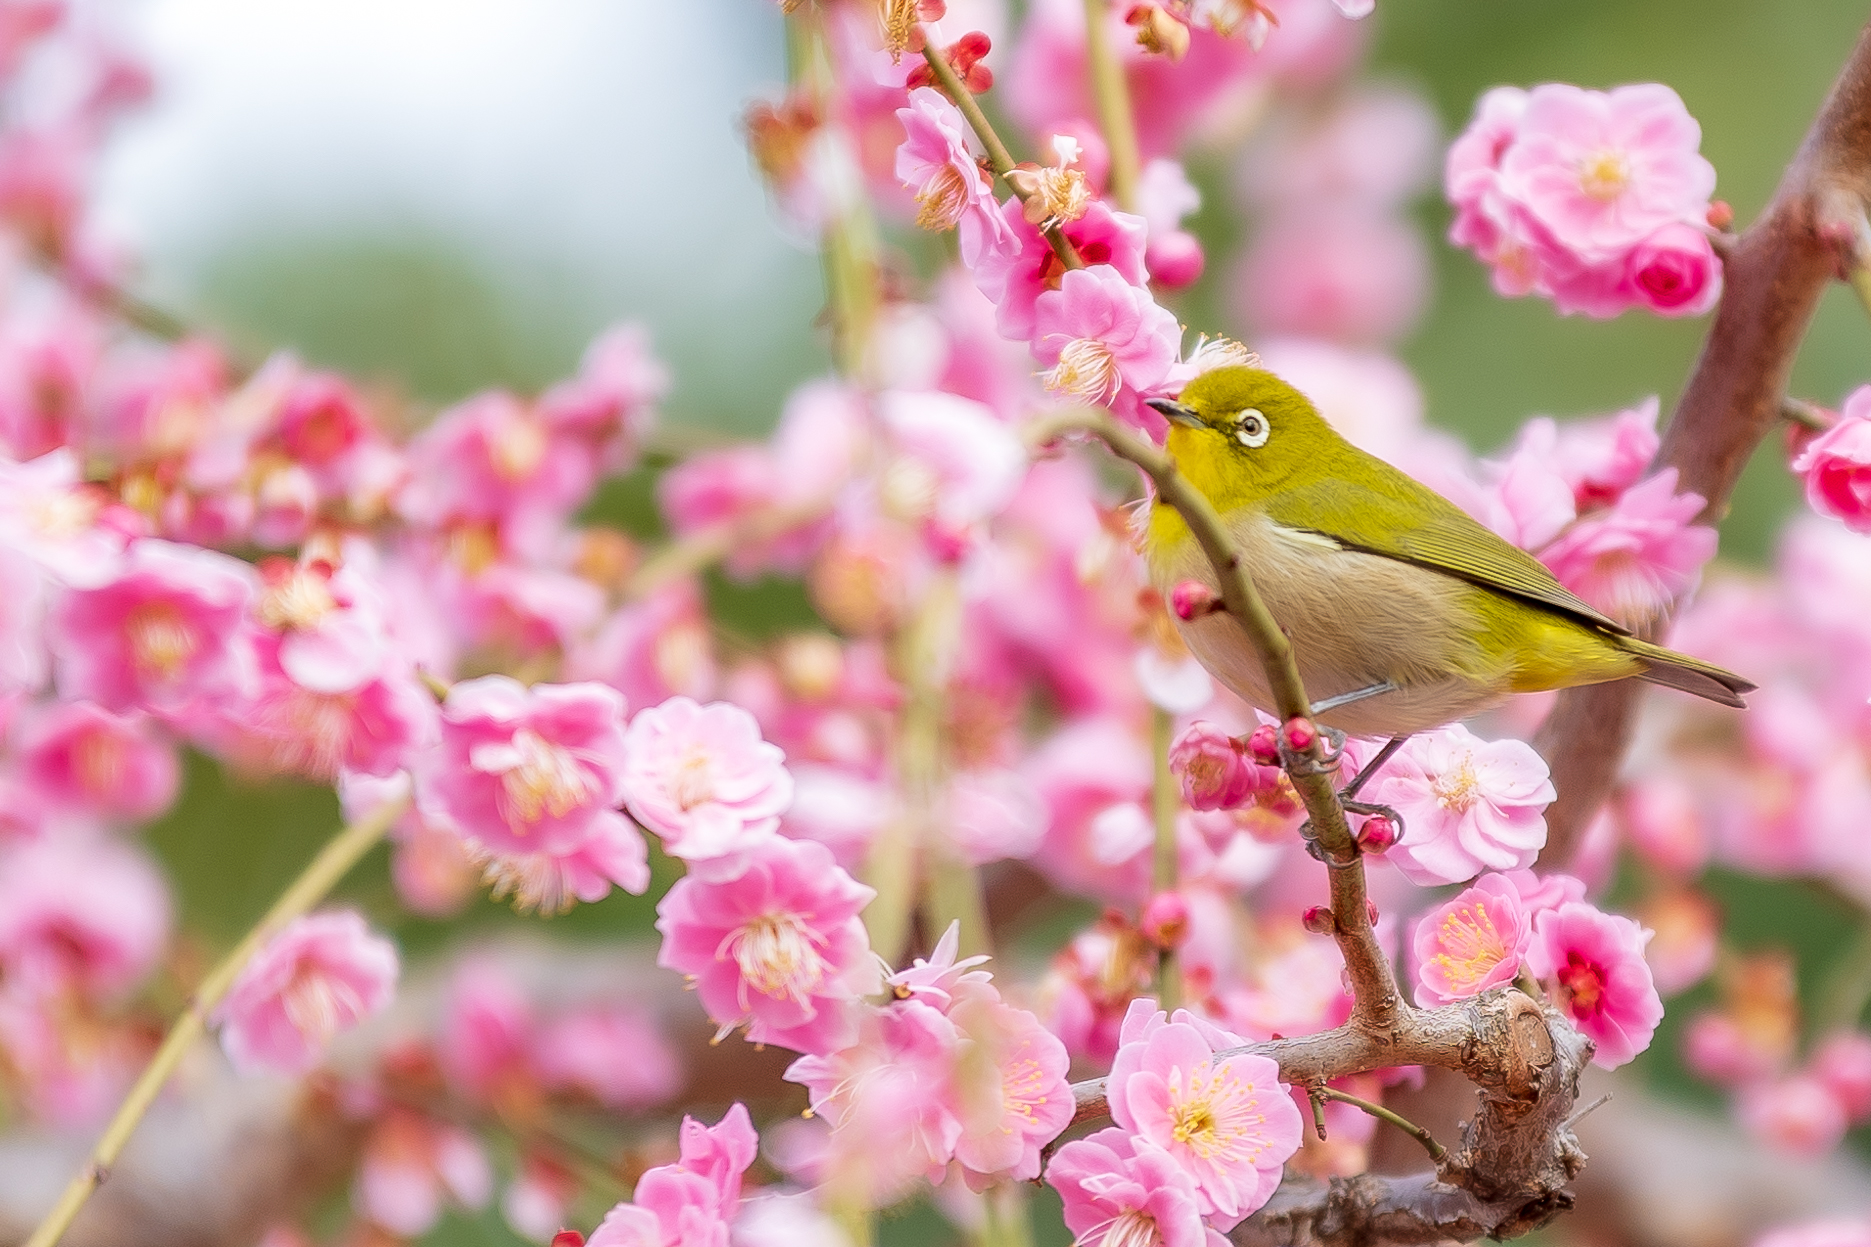 3264149_m 京都 城南宮(庭園に咲く150本の枝垂梅が絶景の写真スポット! 撮影した写真の紹介、アクセス情報や交通手段・駐車場情報などまとめ)